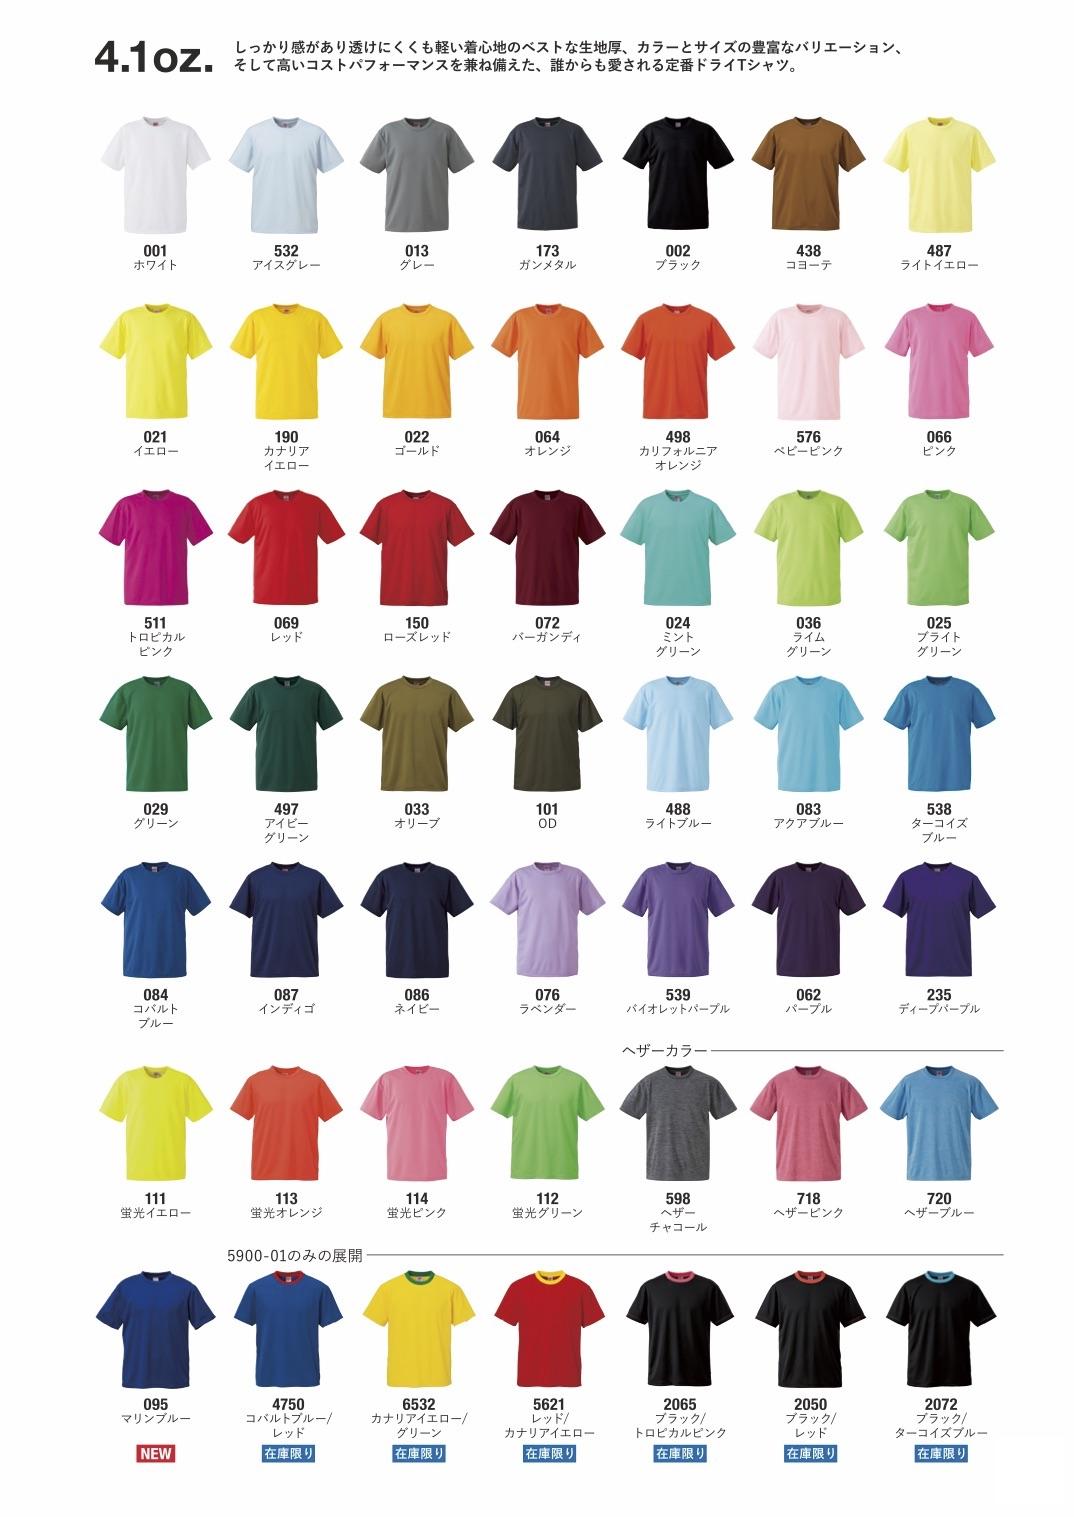 5900-01ドライアスレチックTシャツの商品カラー画像